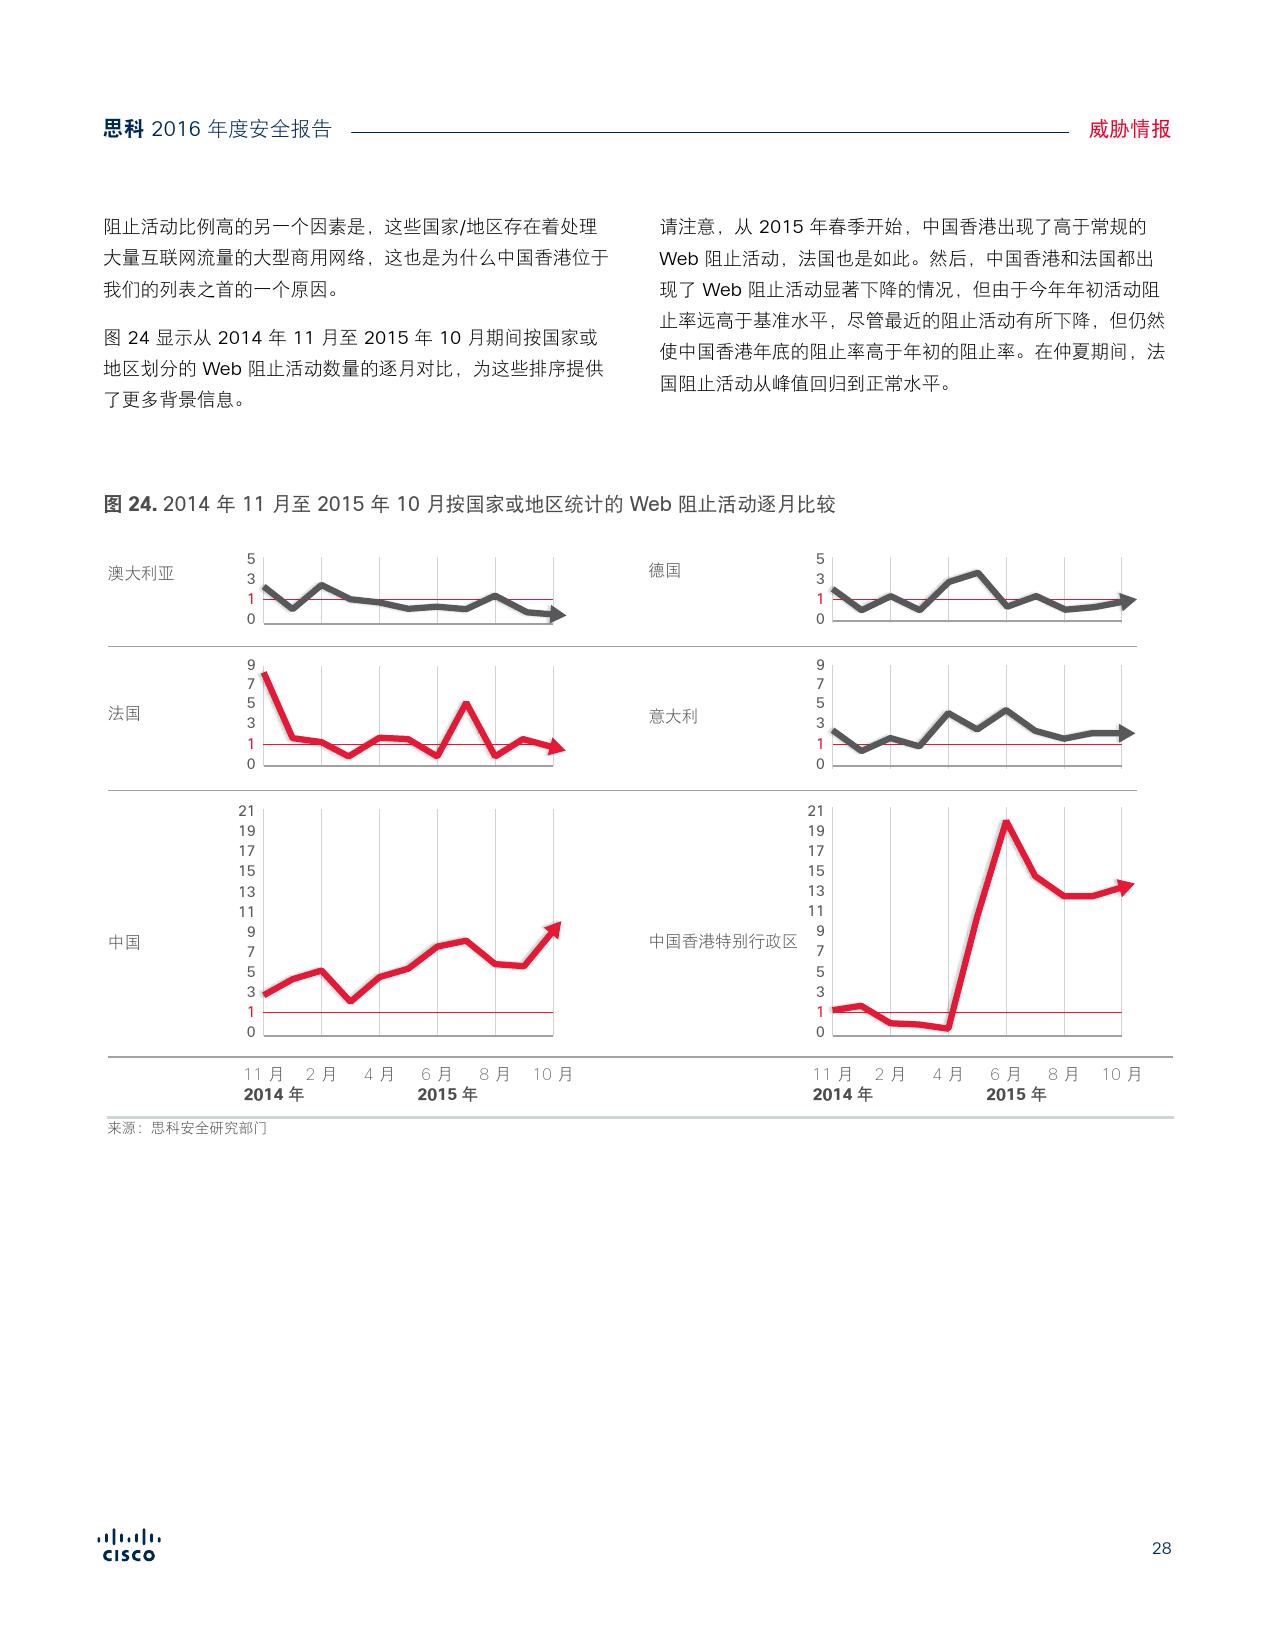 2016年中网络安全报告_000028